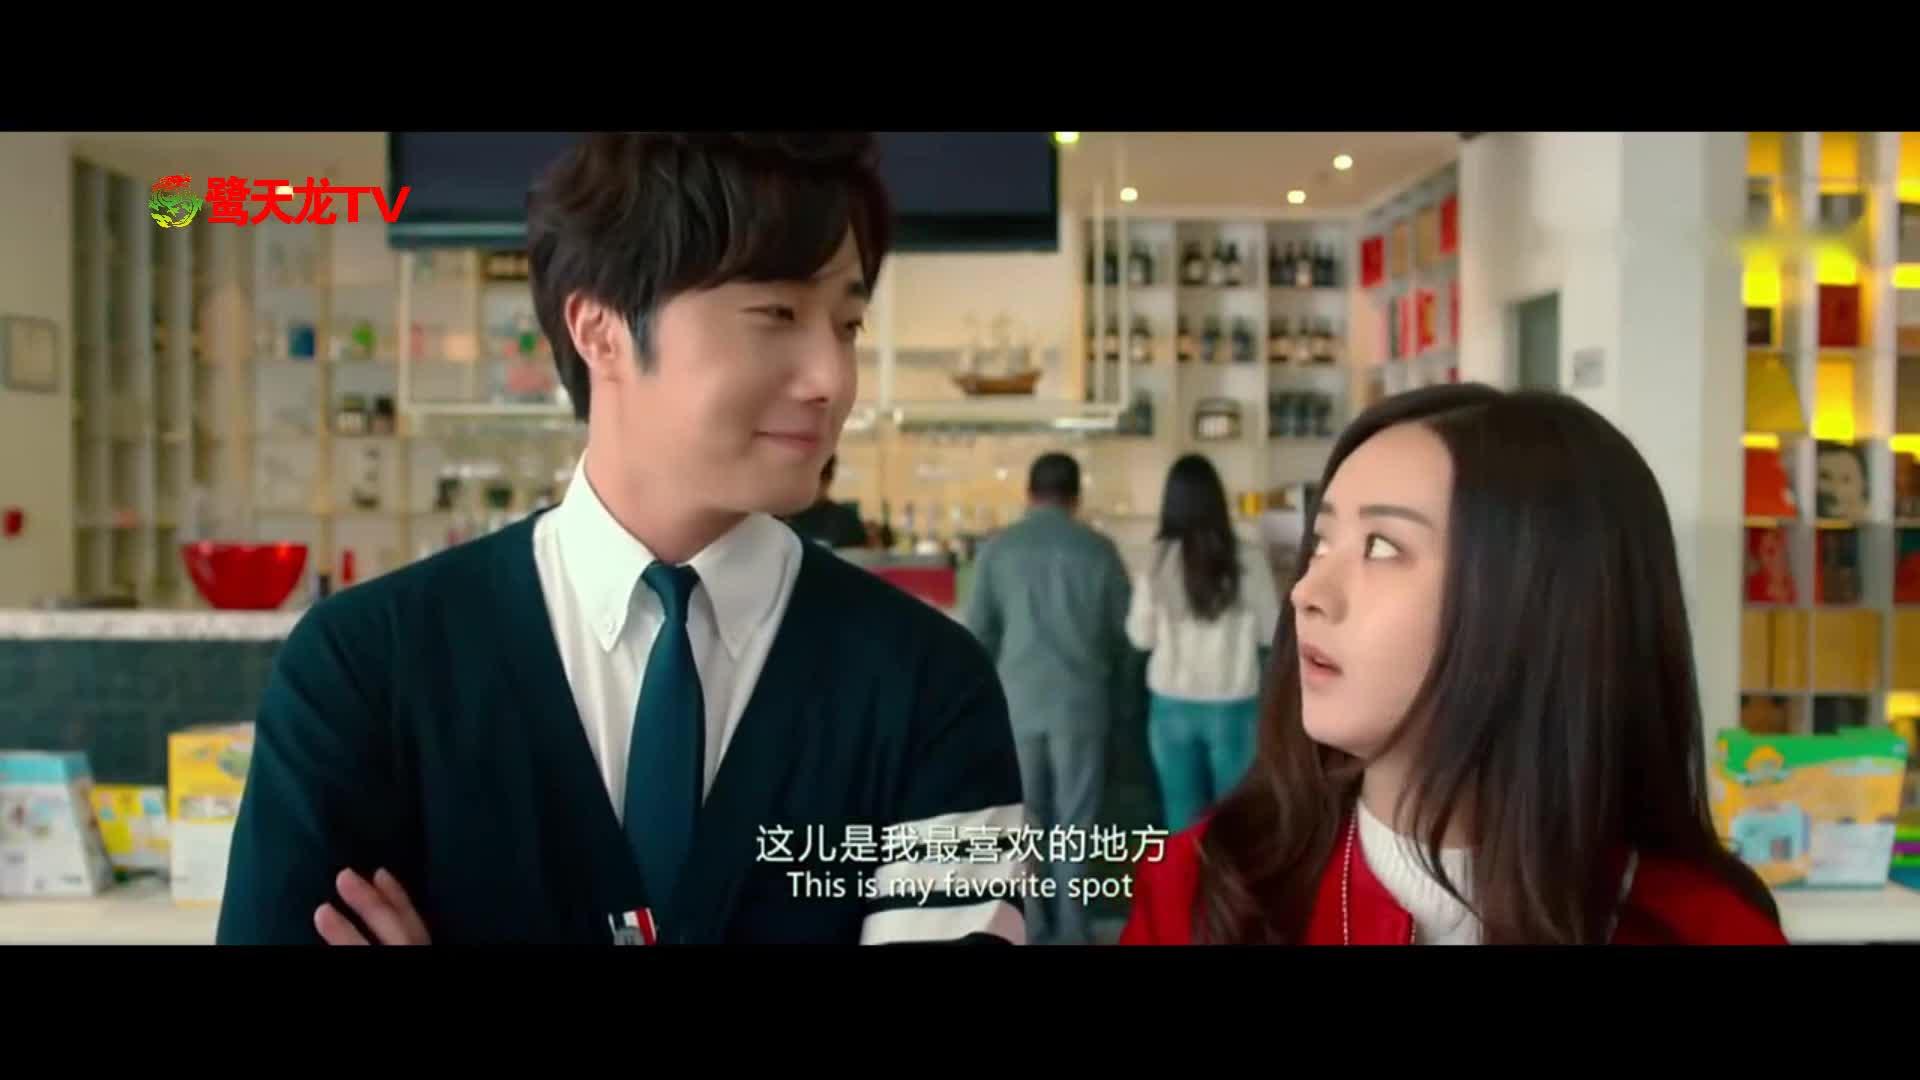 《女汉子真爱公式》片段:赵丽颖和丁一宇约会解爱的公式